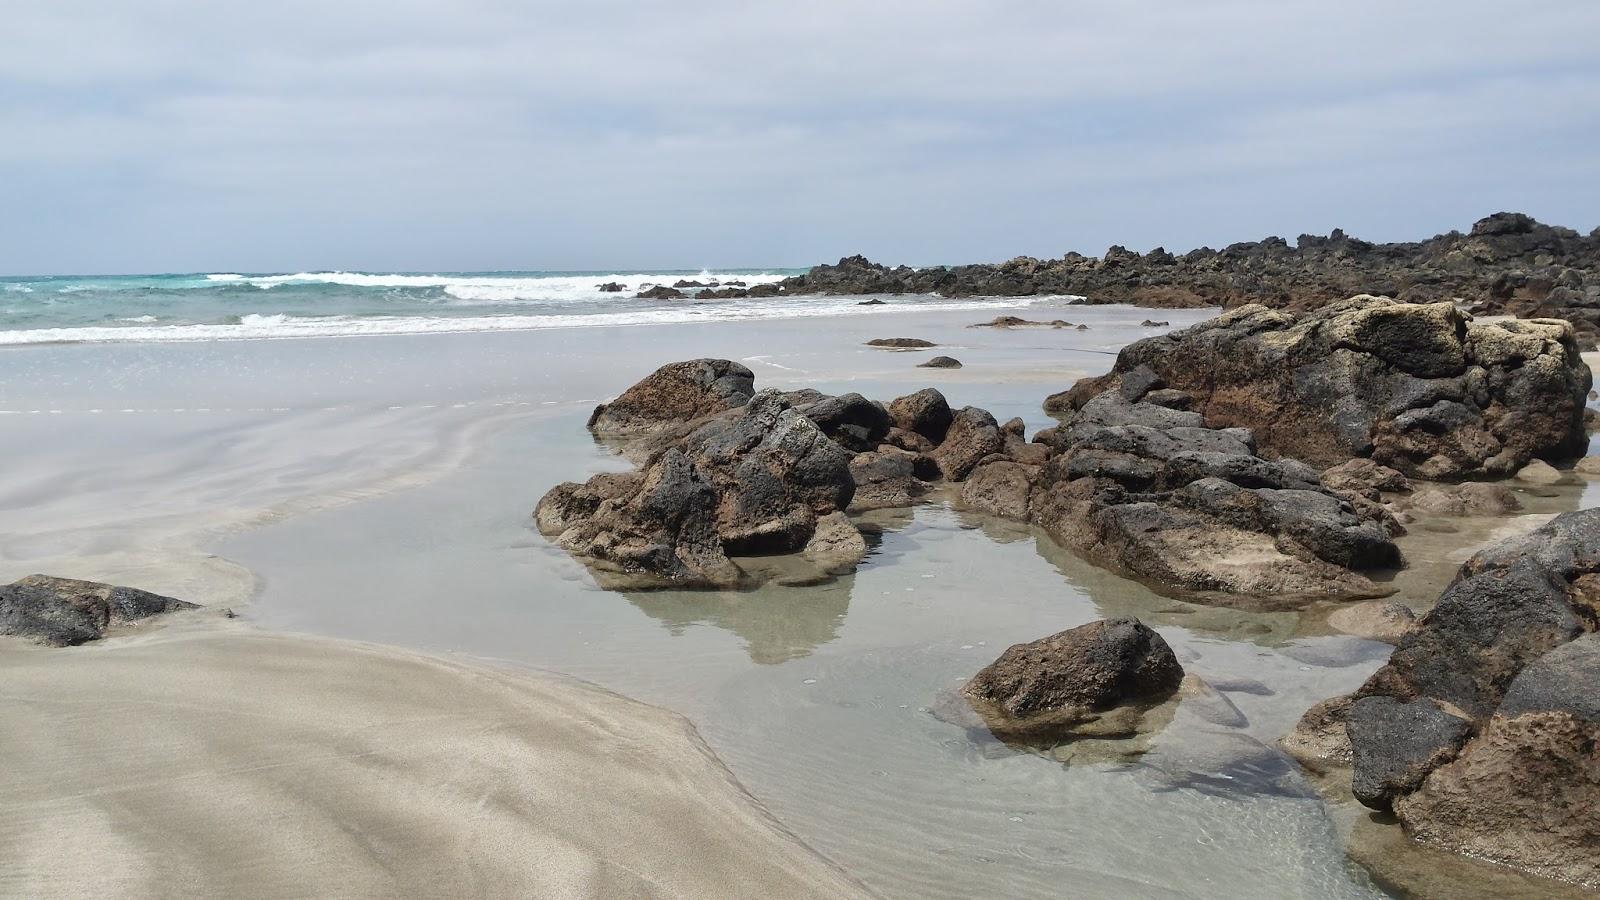 Playa Orzola, Lanzarote, Wyspy Kanaryjskie, Hiszpania, Espana, plaża dla surferów, północ Lanzarote